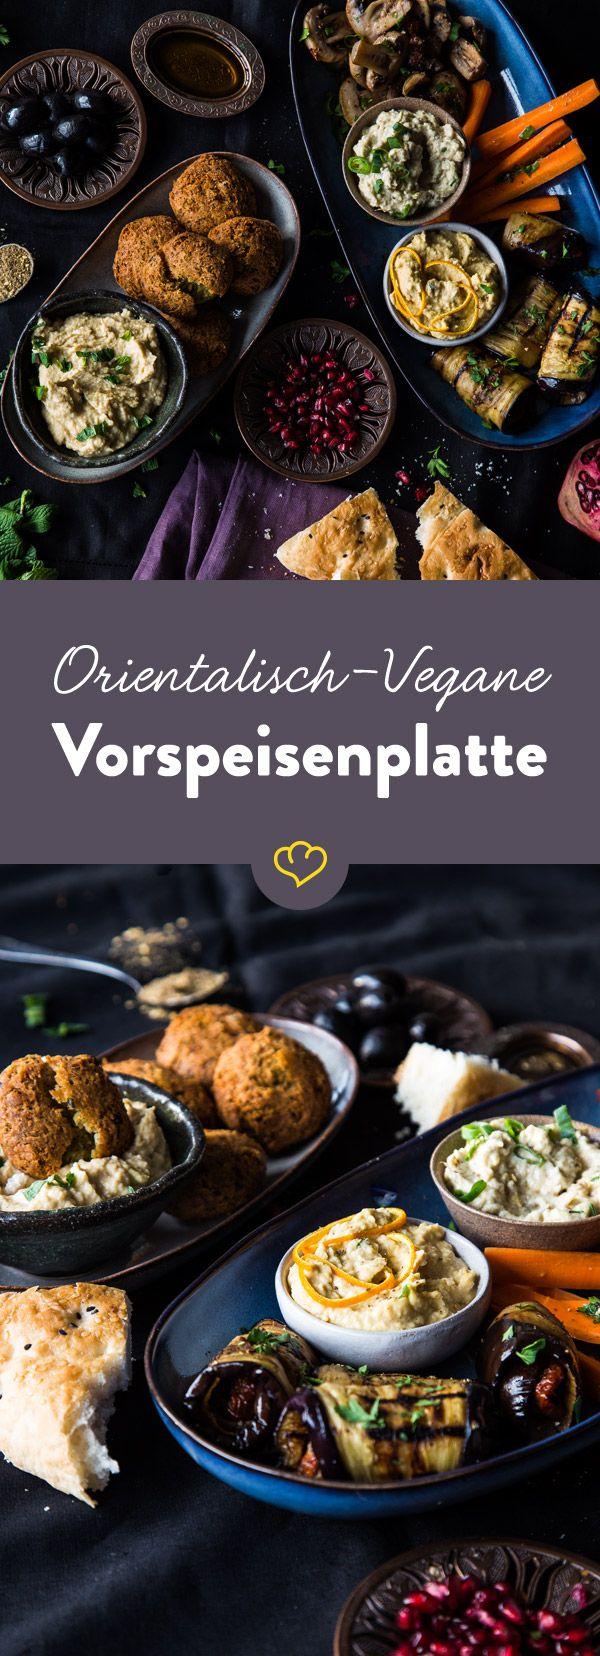 Photo of Mezze deluxe! Oriental vegan starter platter